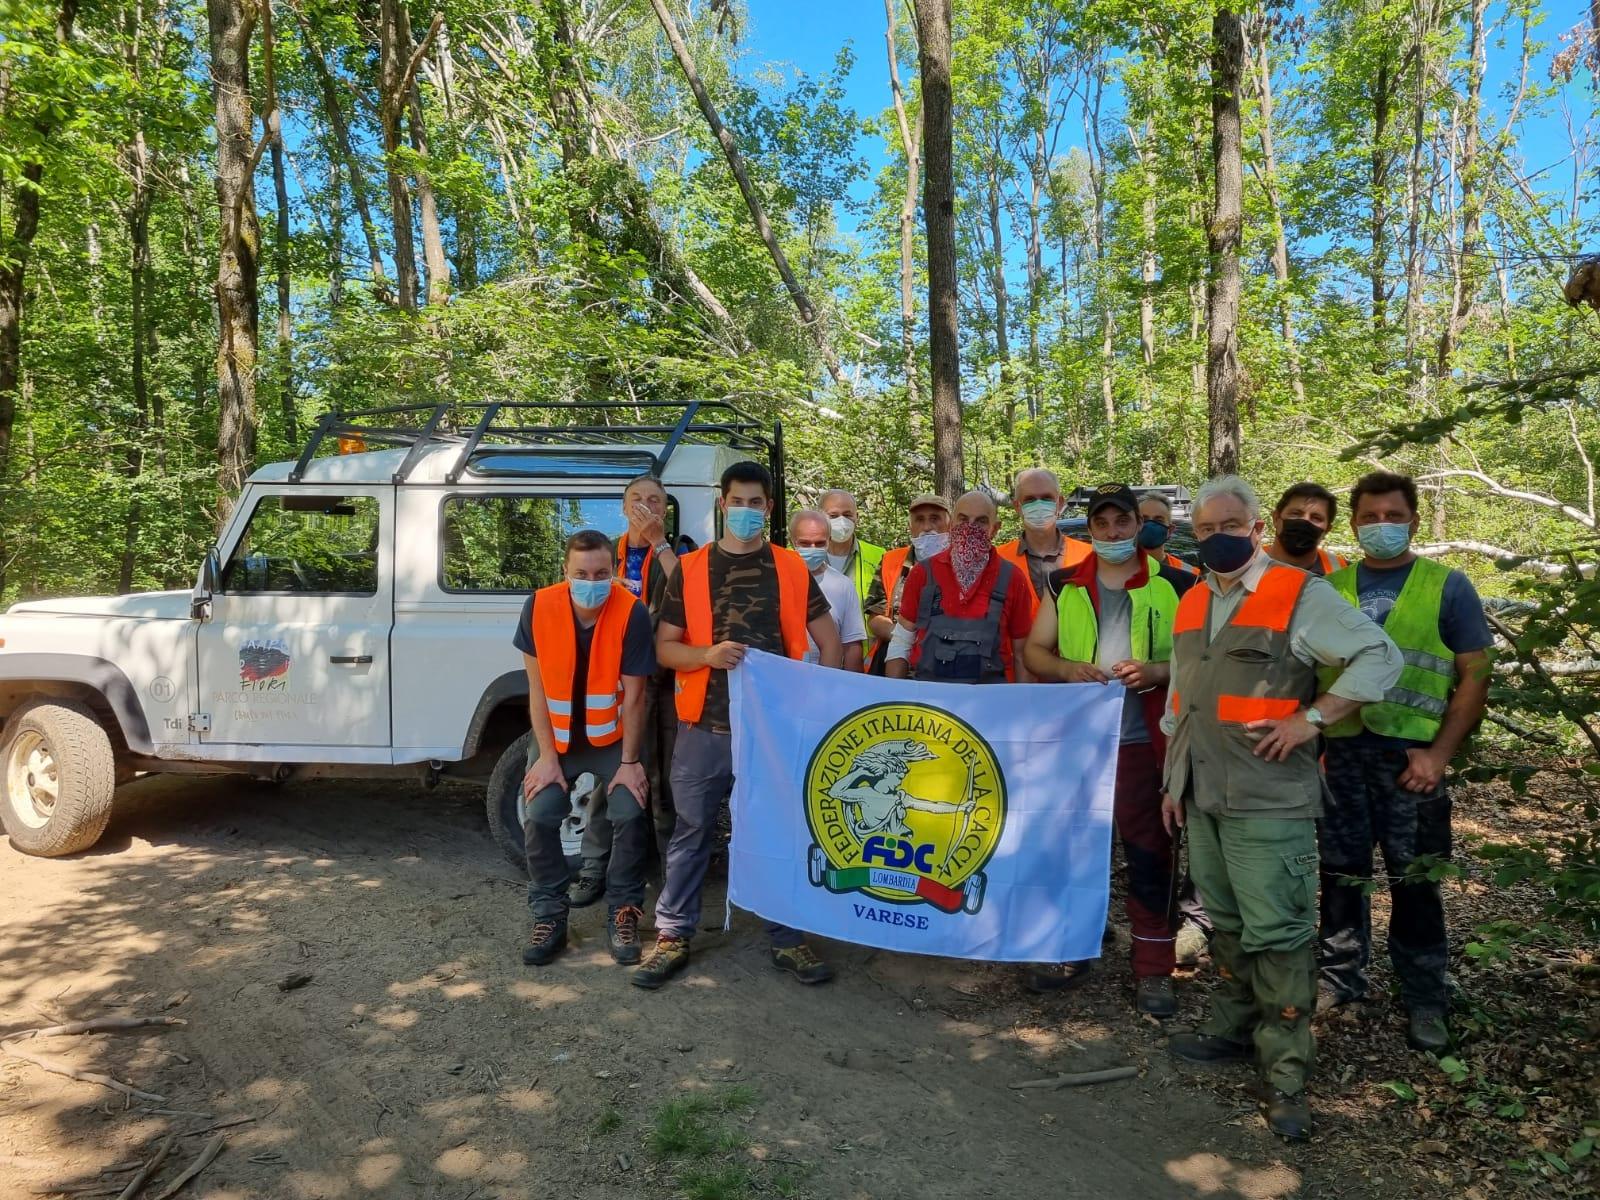 La sezione Campo dei Fiori di Varese al lavoro per ripristinare un sentiero: cacciatori di ogni età al servizio del loro territorio